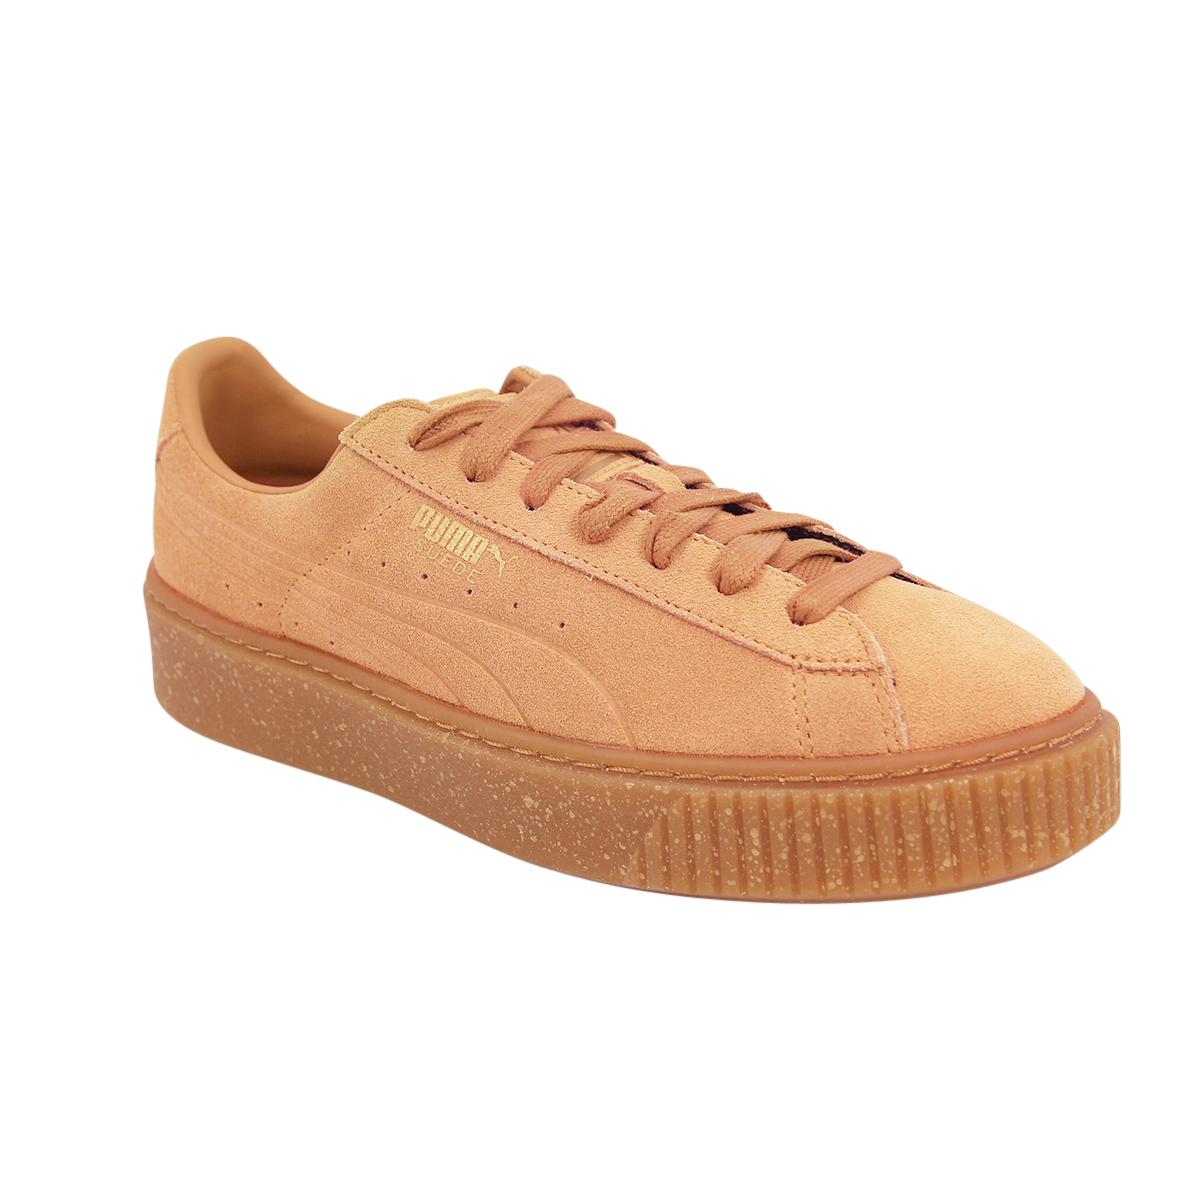 moda della a prima grazie linea da ginnastica Essere in L queste scarpe grandi Adottato AxnRwqC6